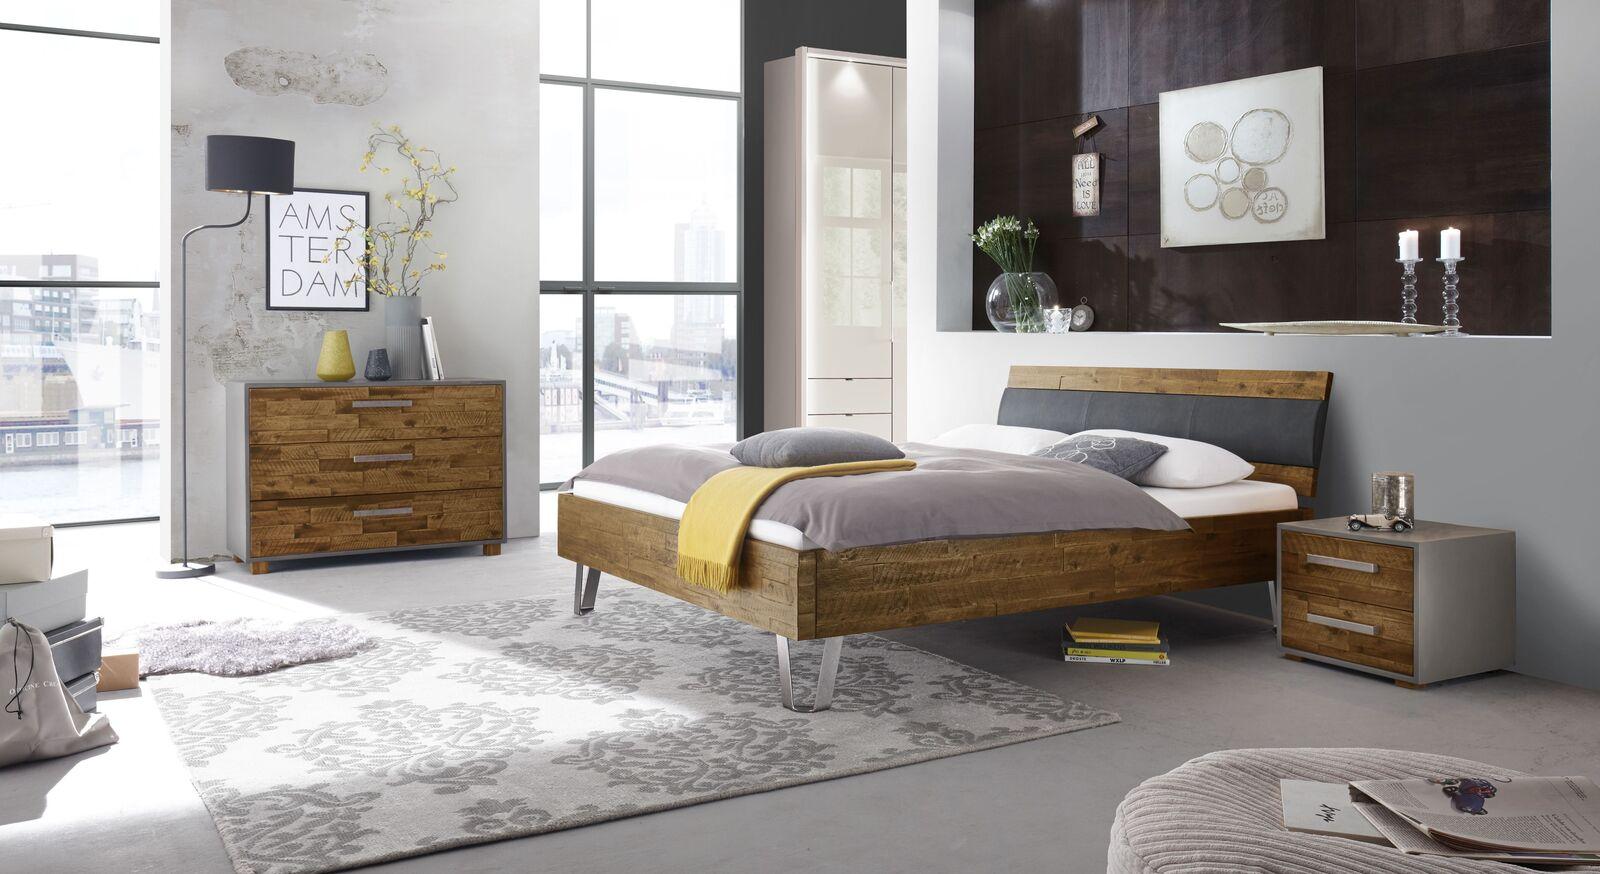 Schlafzimmer Detaria im Factory-Look